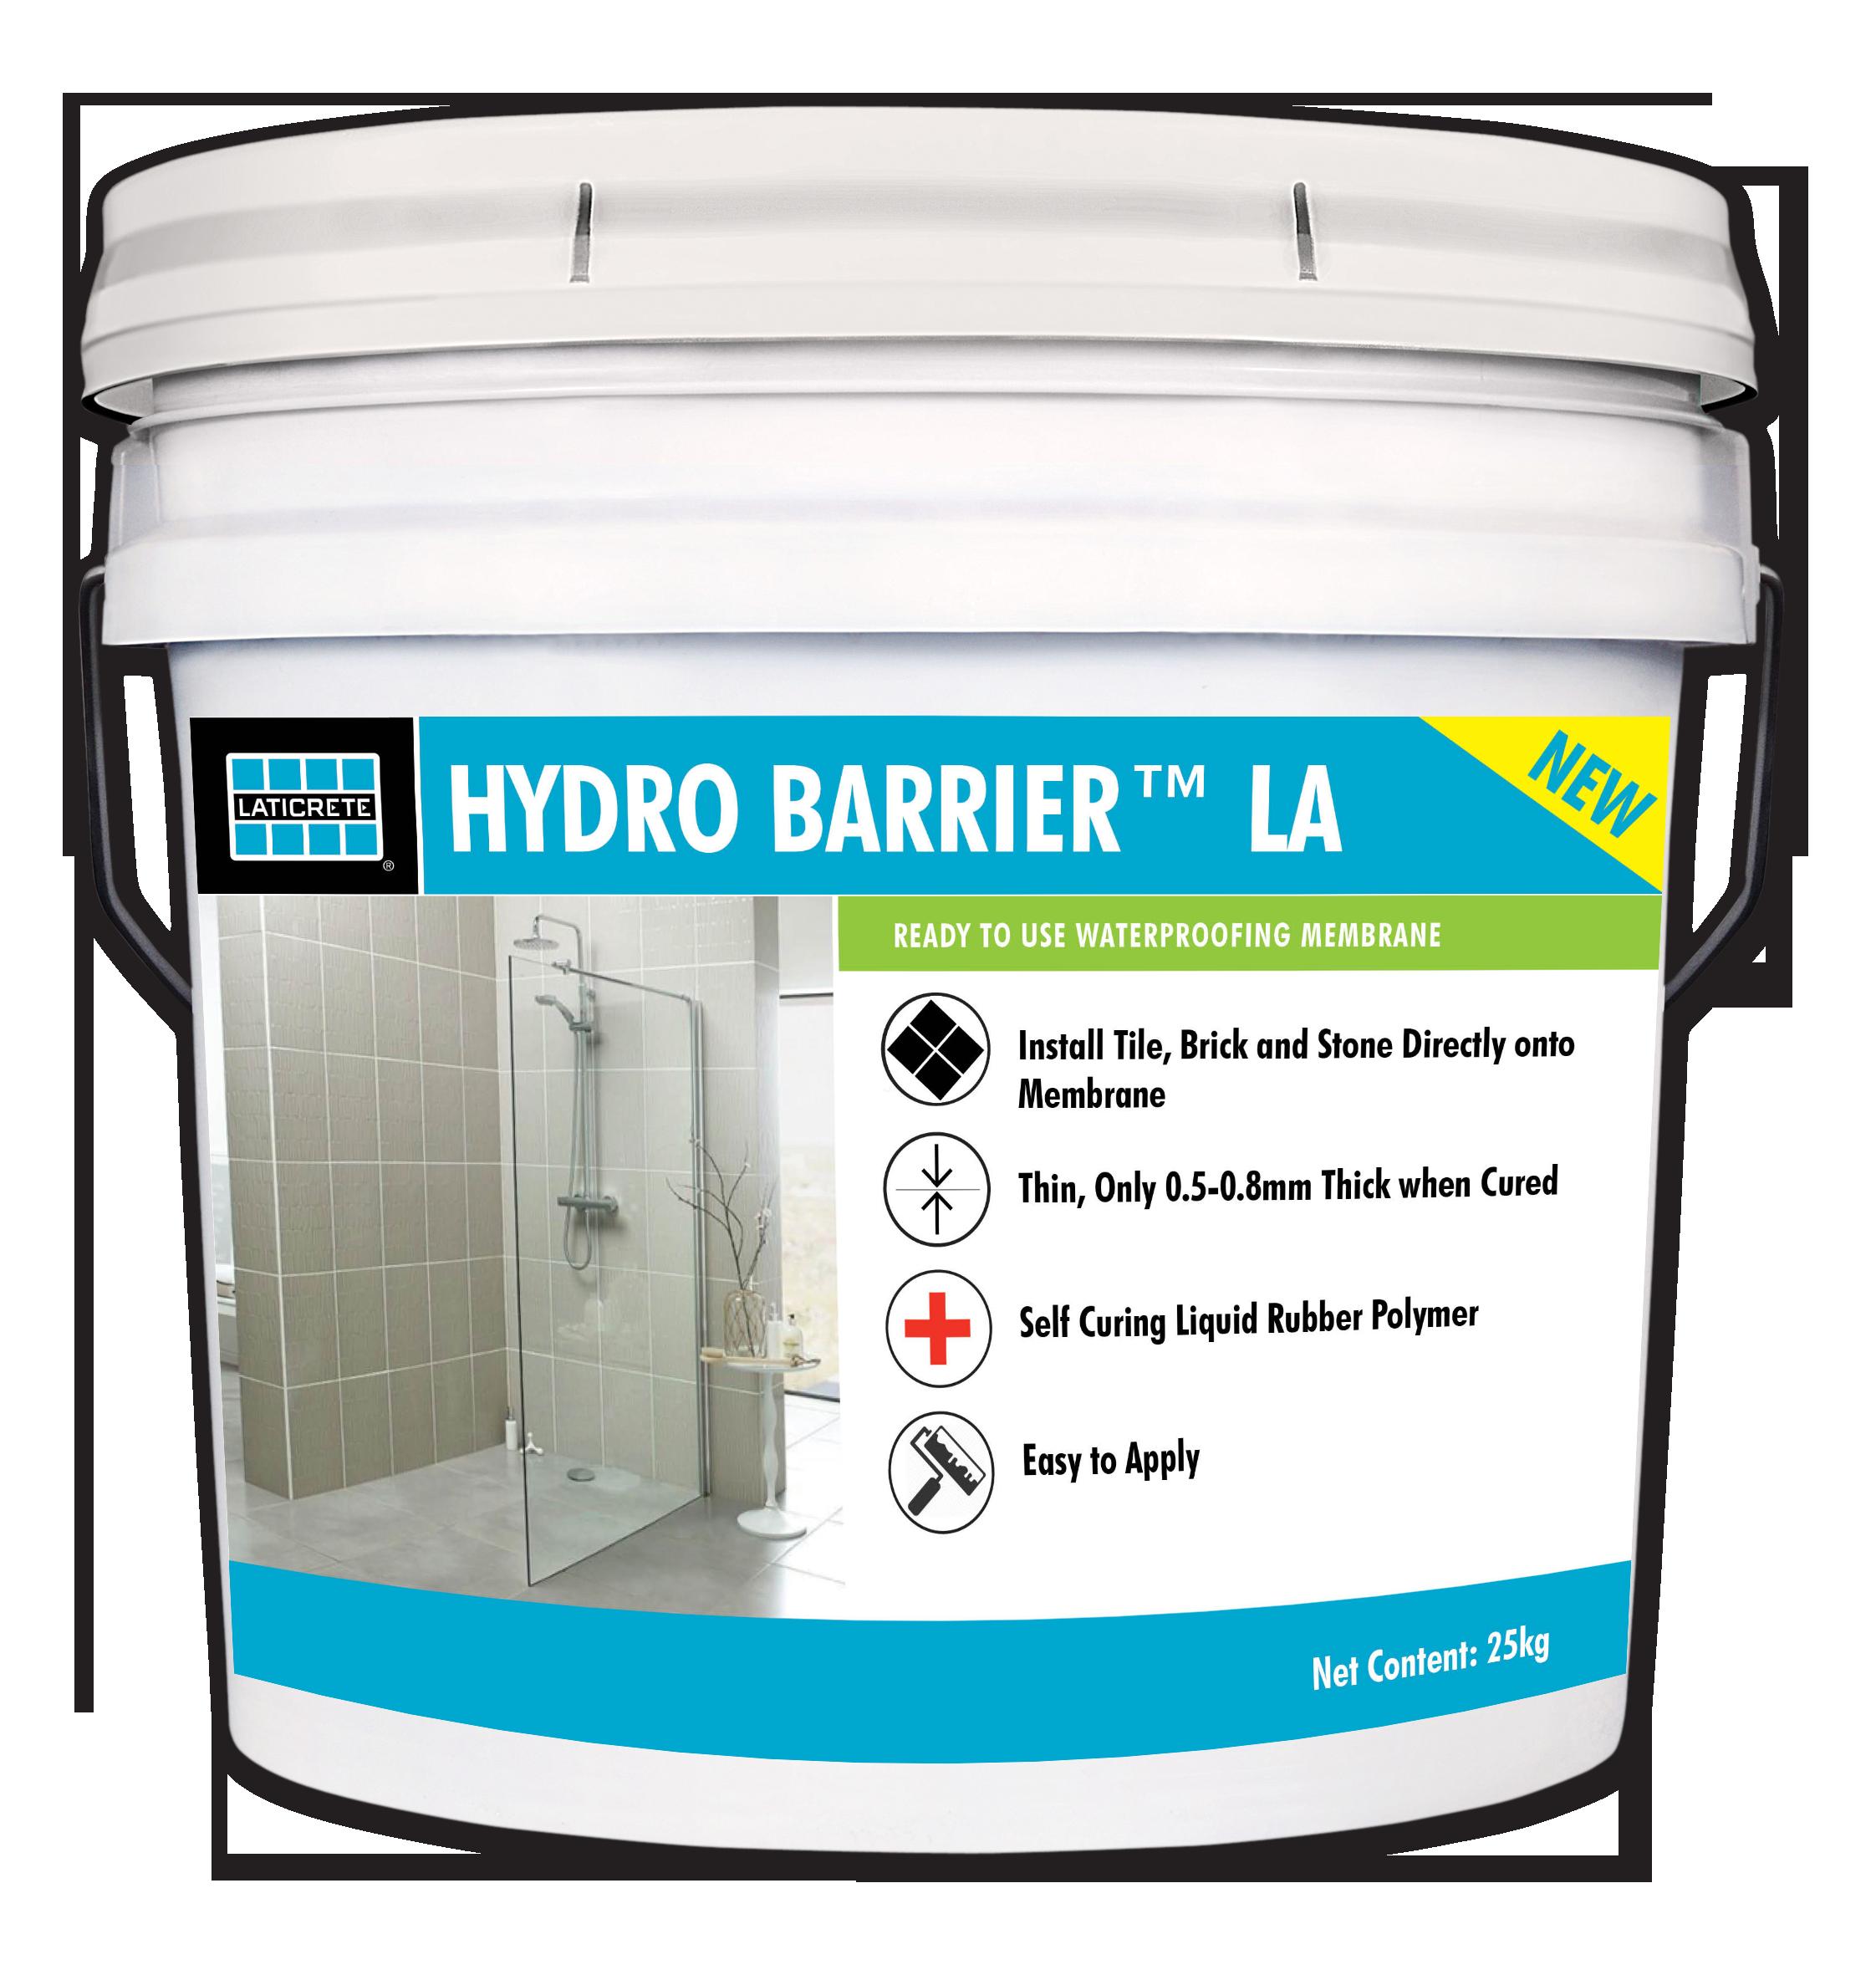 Hydro Barrier LA